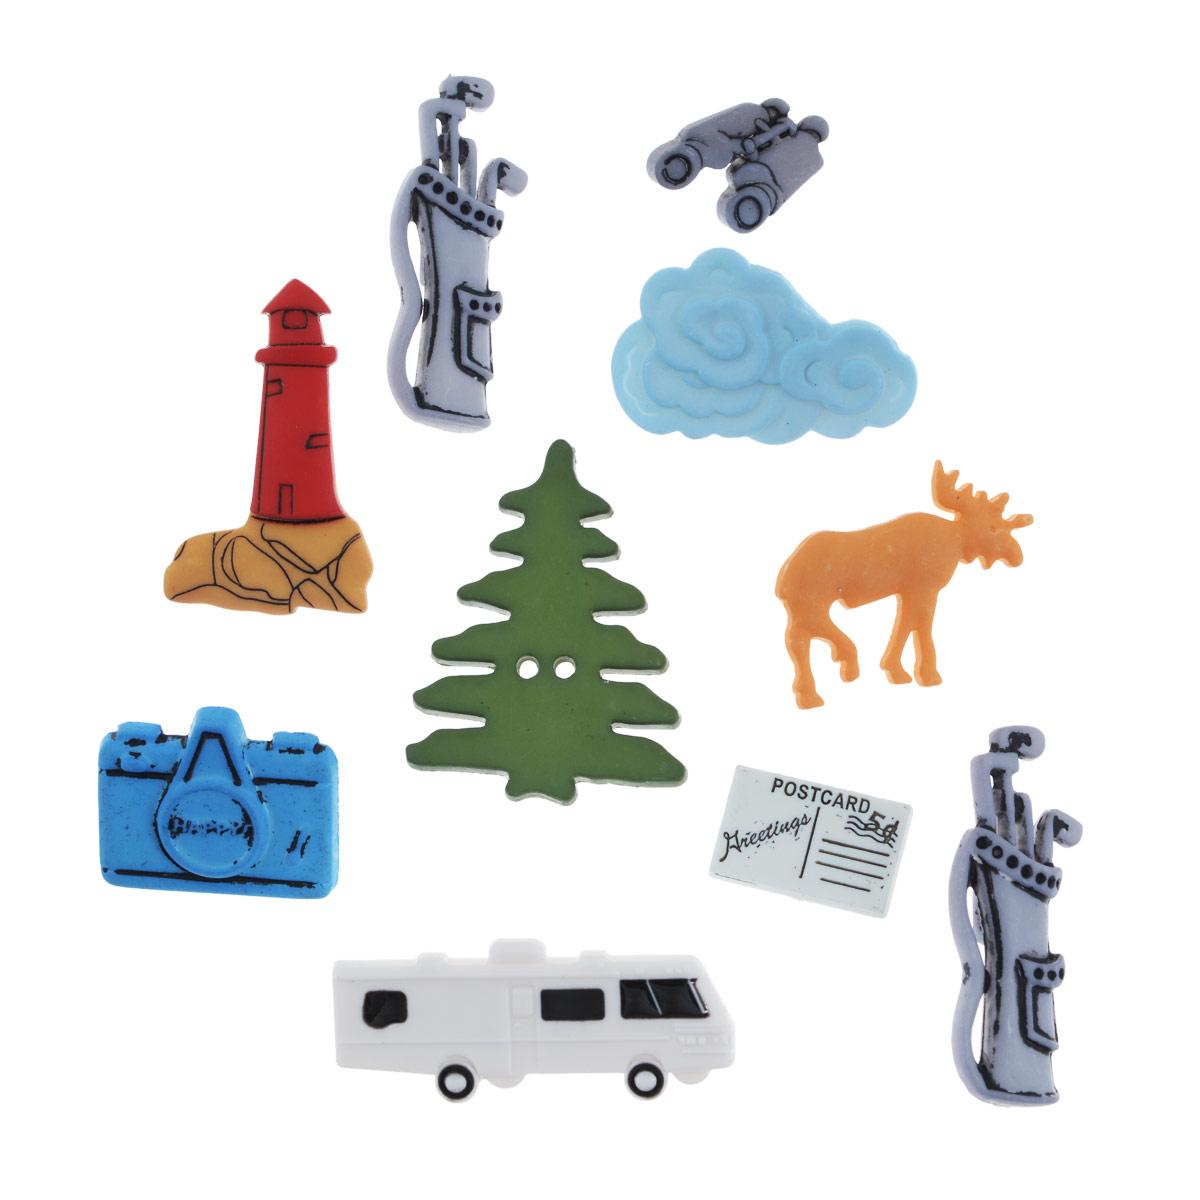 Набор пуговиц и фигурок Buttons Galore & More On the Road, 10 шт7705918Набор Buttons Galore & More On the Road состоит из 9 декоративных пуговиц и 1 декоративного элемента, который можно приклеить. Все элементы выполнены из пластика в форме разнообразных фигур. Такие пуговицы подходят для любых видов творчества: скрапбукинга, декорирования, шитья, изготовления кукол, а также для оформления одежды. С их помощью вы сможете украсить открытку, фотографию, альбом, подарок и другие предметы ручной работы. Пуговицы разных цветов имеют оригинальный и яркий дизайн. Средний размер элемента: 3,5 см х 2,3 см х 0,5 см.